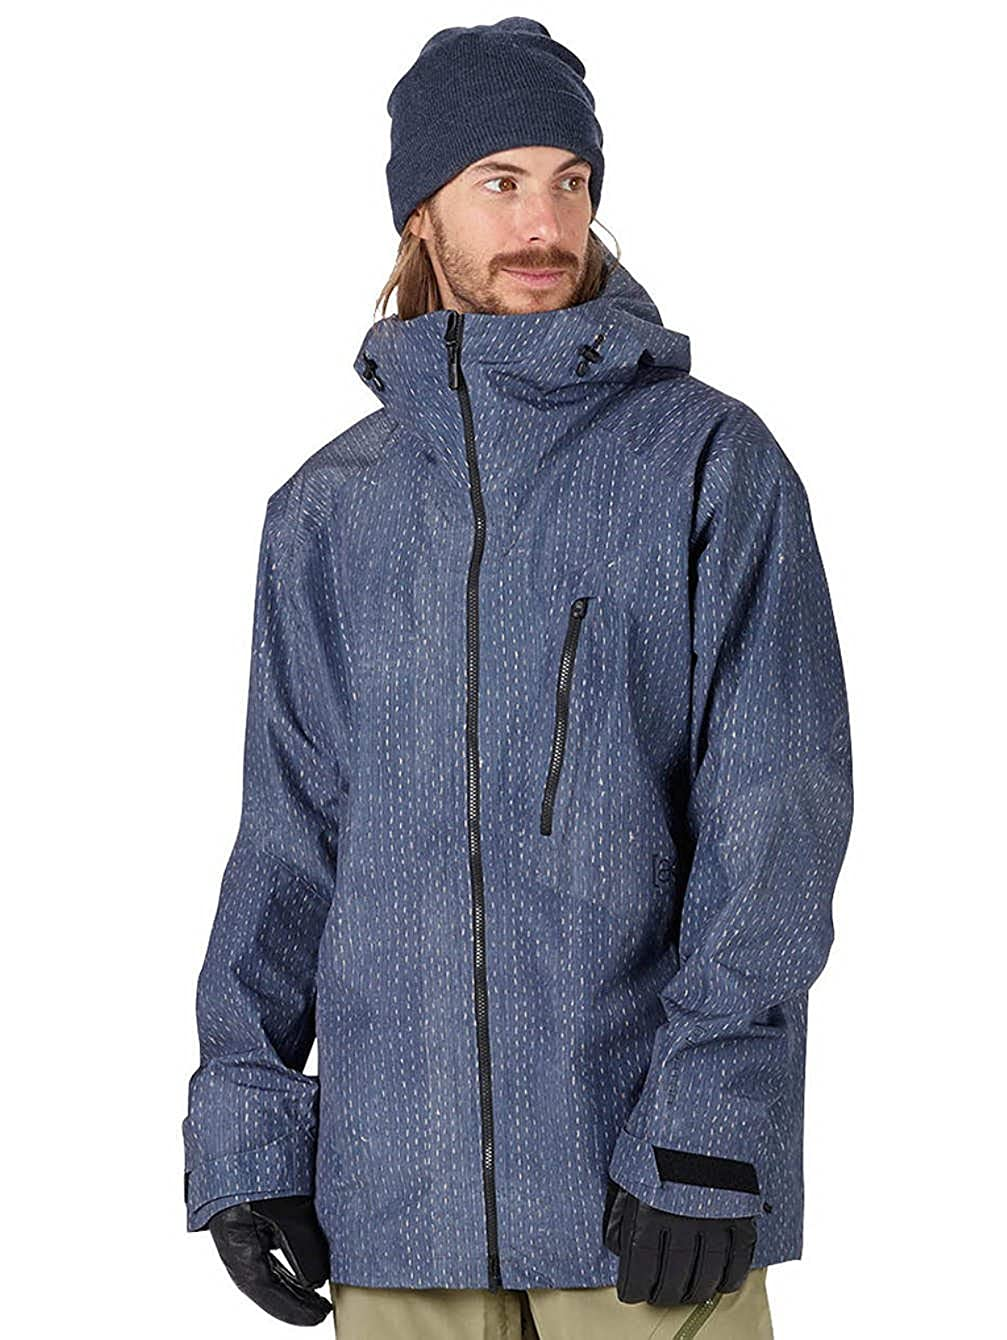 Kimonoboi M Burton Herren Snowboardjacke M AK 2L Cyclic Jacket